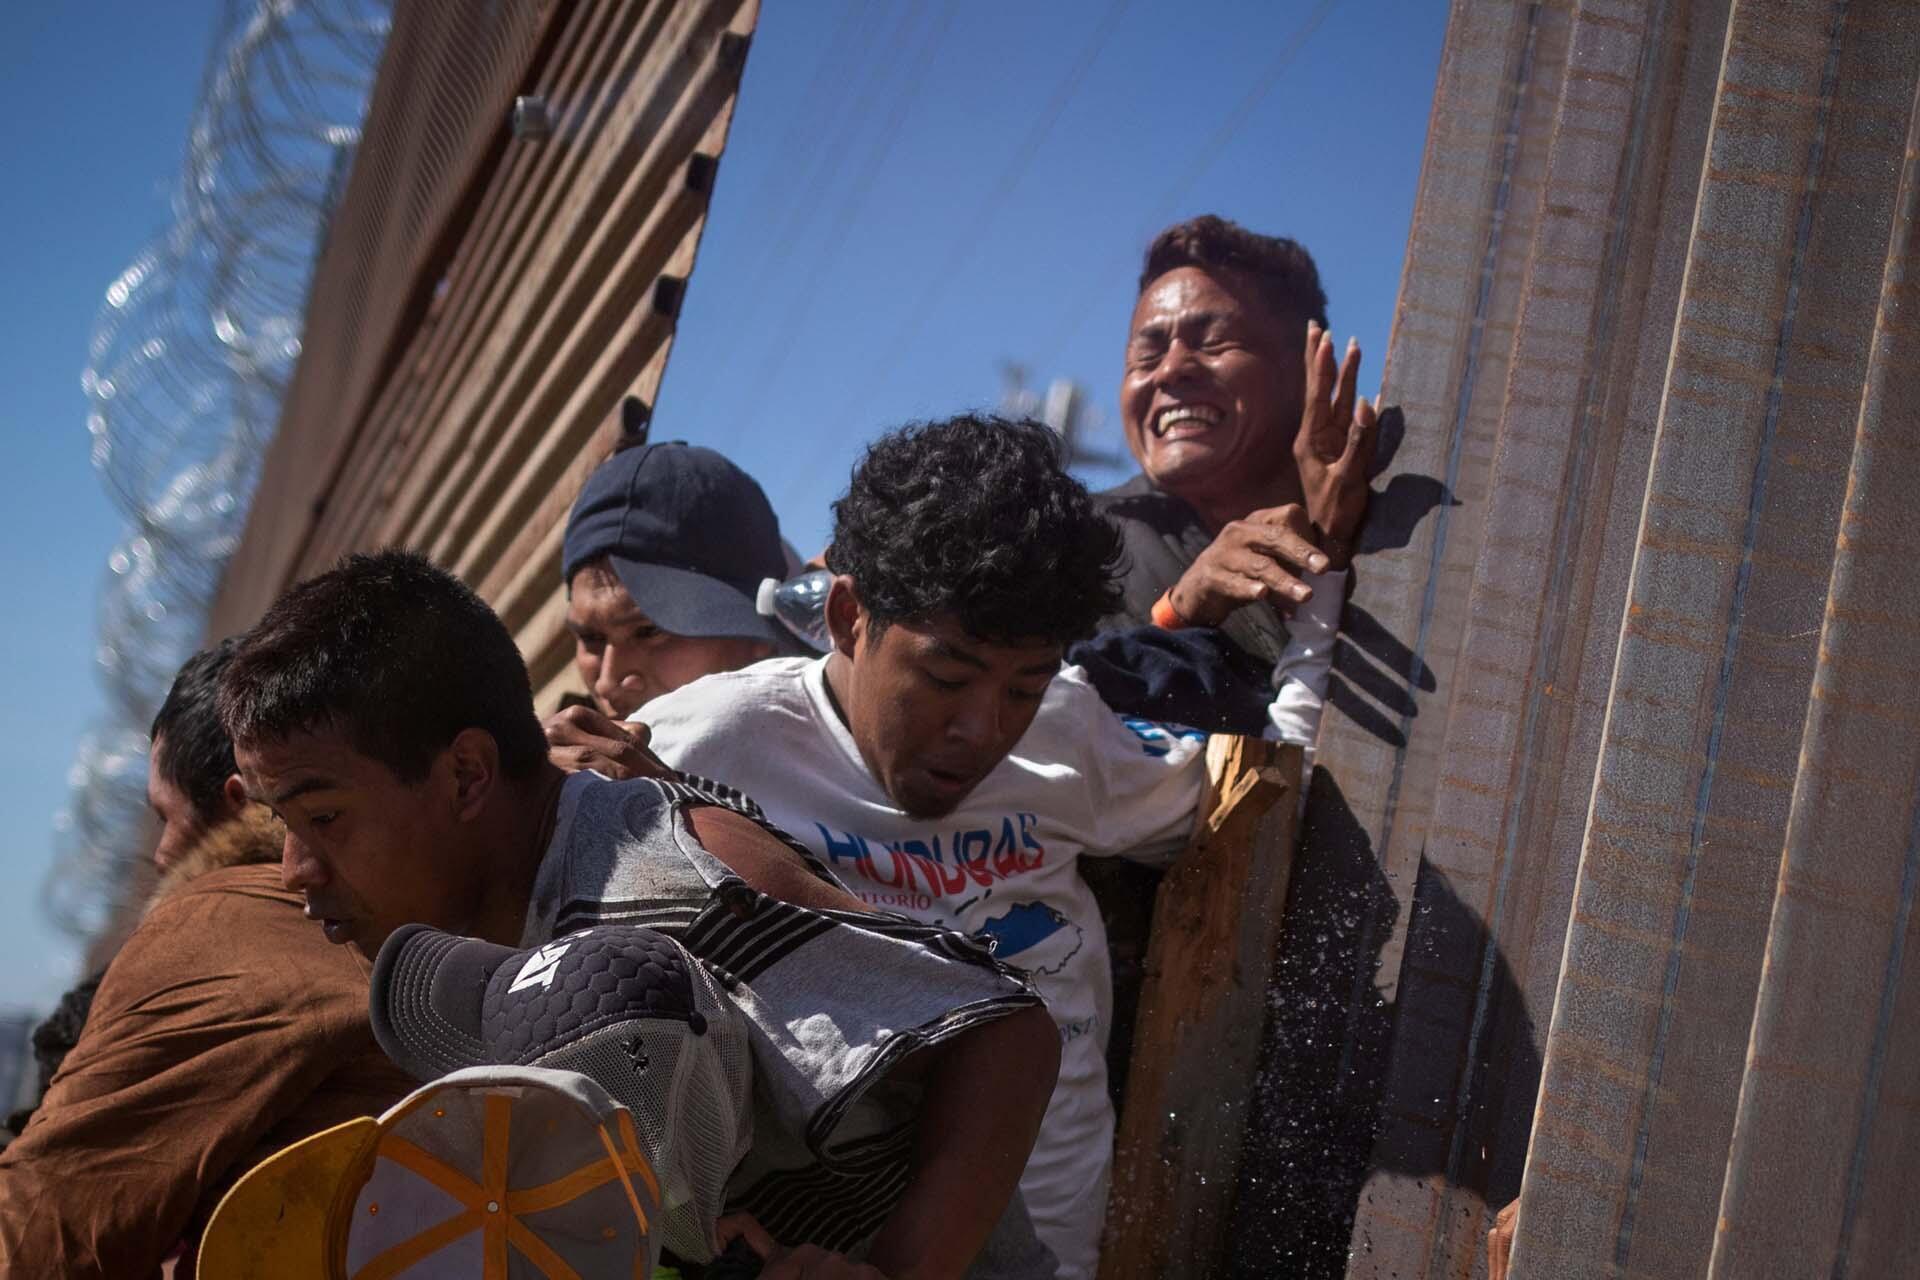 Des migrants qui ont tenté de franchir illégalement le mur de la frontière aux États-Unis à Tijuana, au Mexique. Photo datée du 25 novembre 2018.